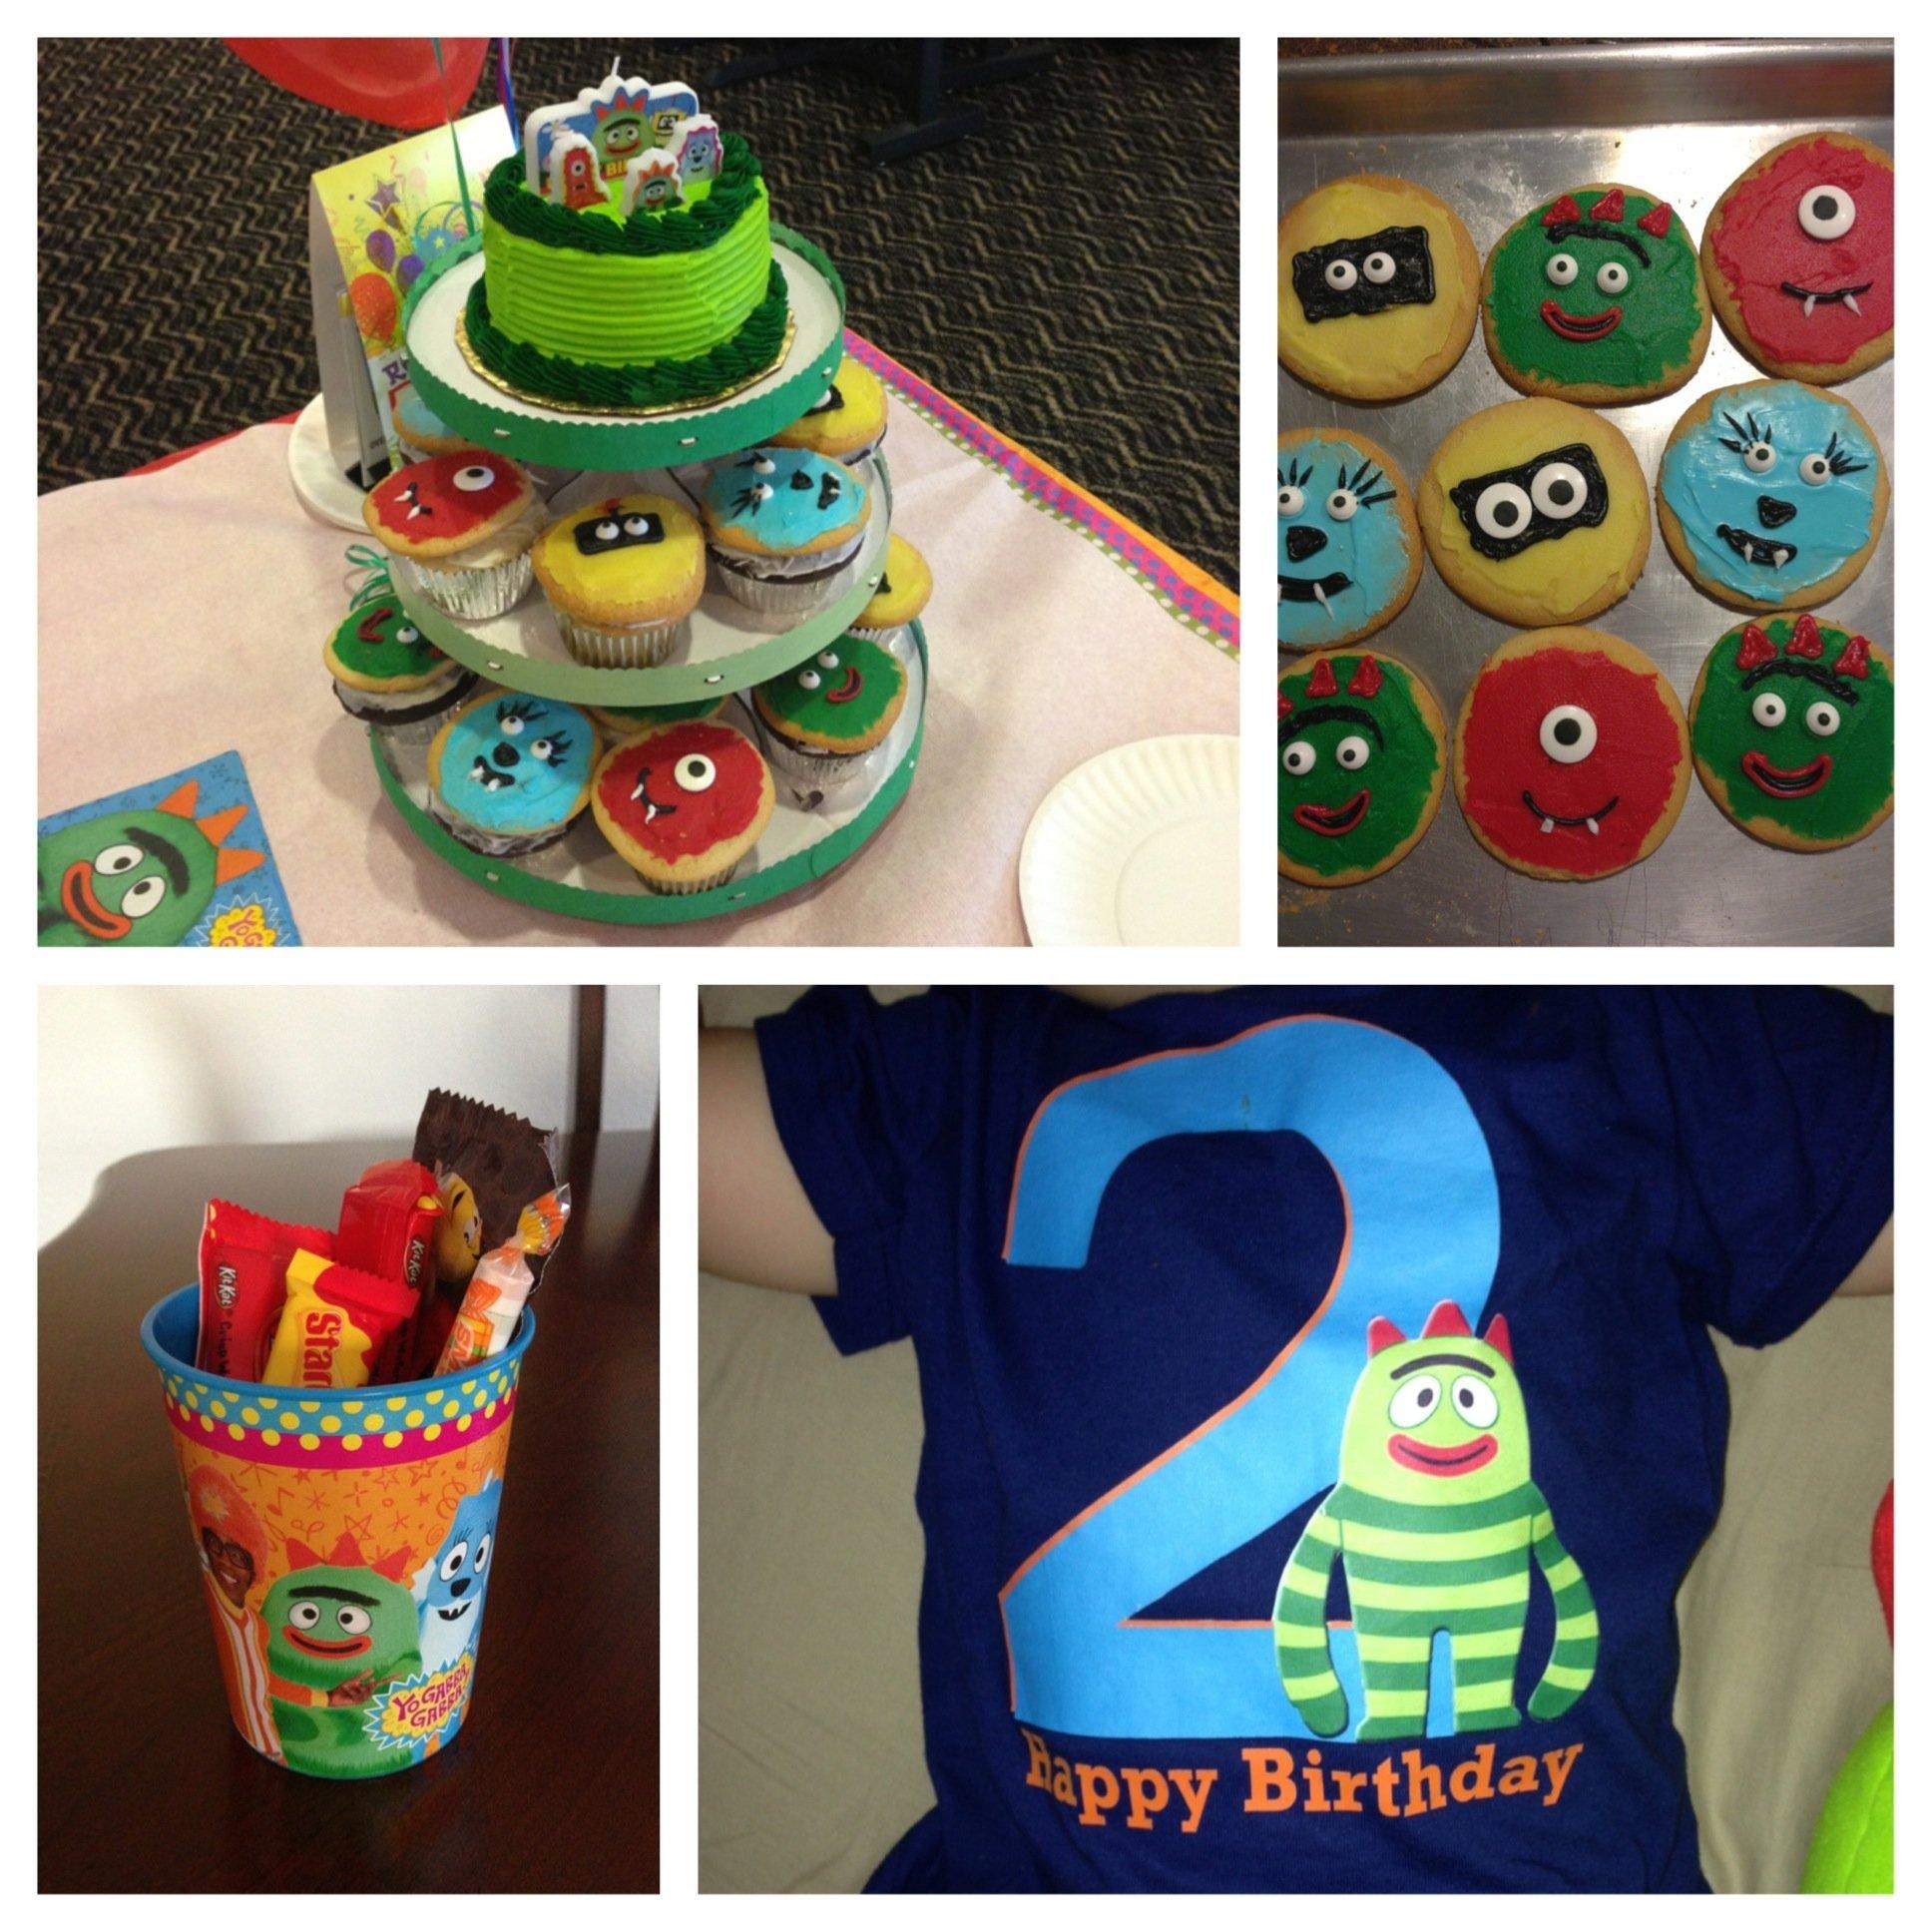 10 Great Yo Gabba Gabba Birthday Party Ideas yo gabba gabba birthday party party ideas pinterest yo gabba 2020